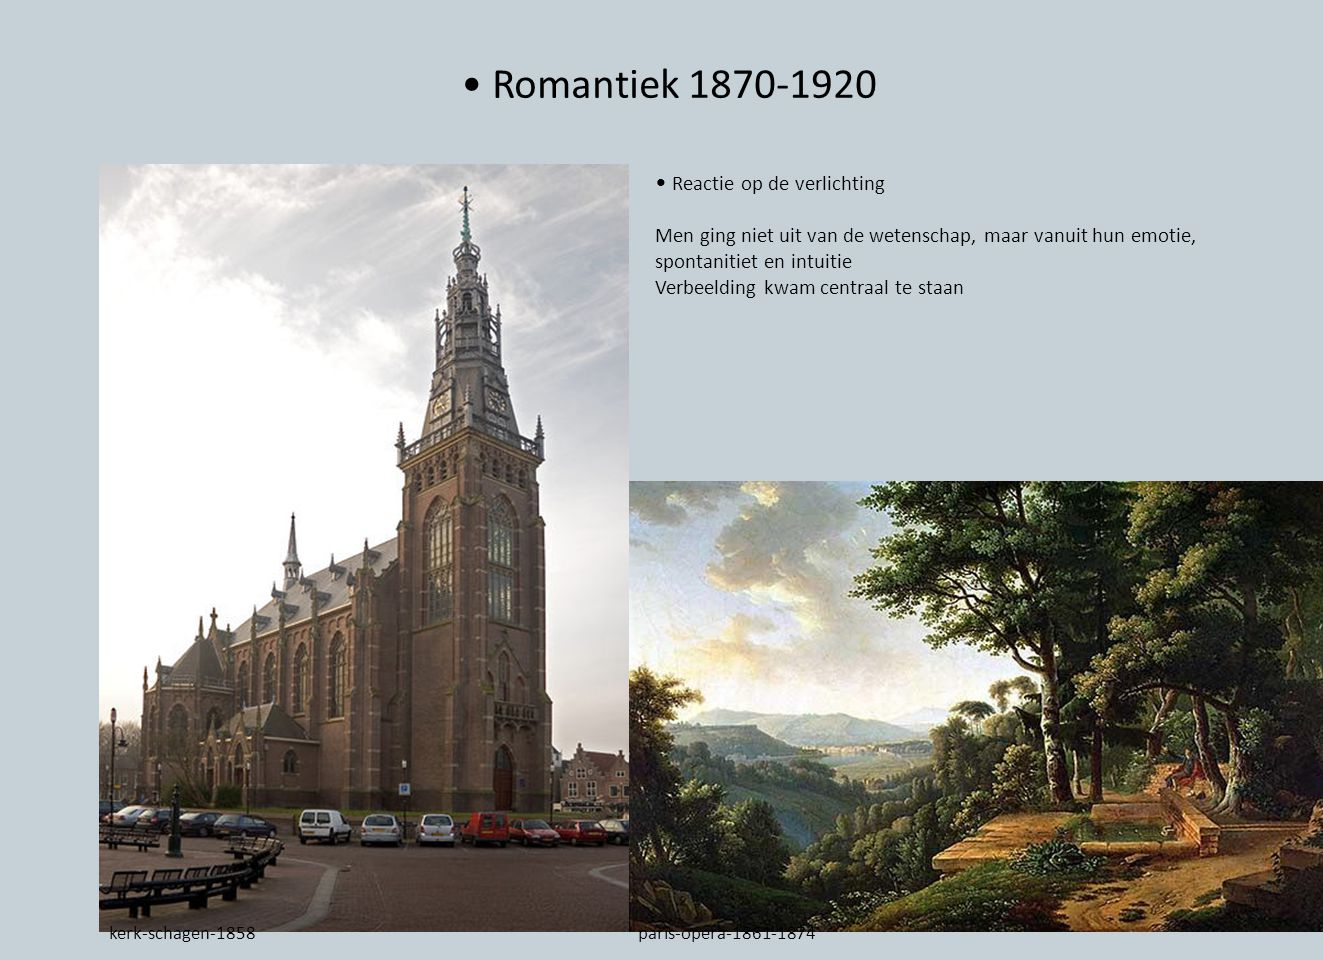 Romantiek 1870-1920 Reactie op de verlichting Men ging niet uit van de wetenschap, maar vanuit hun emotie, spontanitiet en intuitie Verbeelding kwam centraal te staan kerk-schagen-1858paris-opera-1861-1874